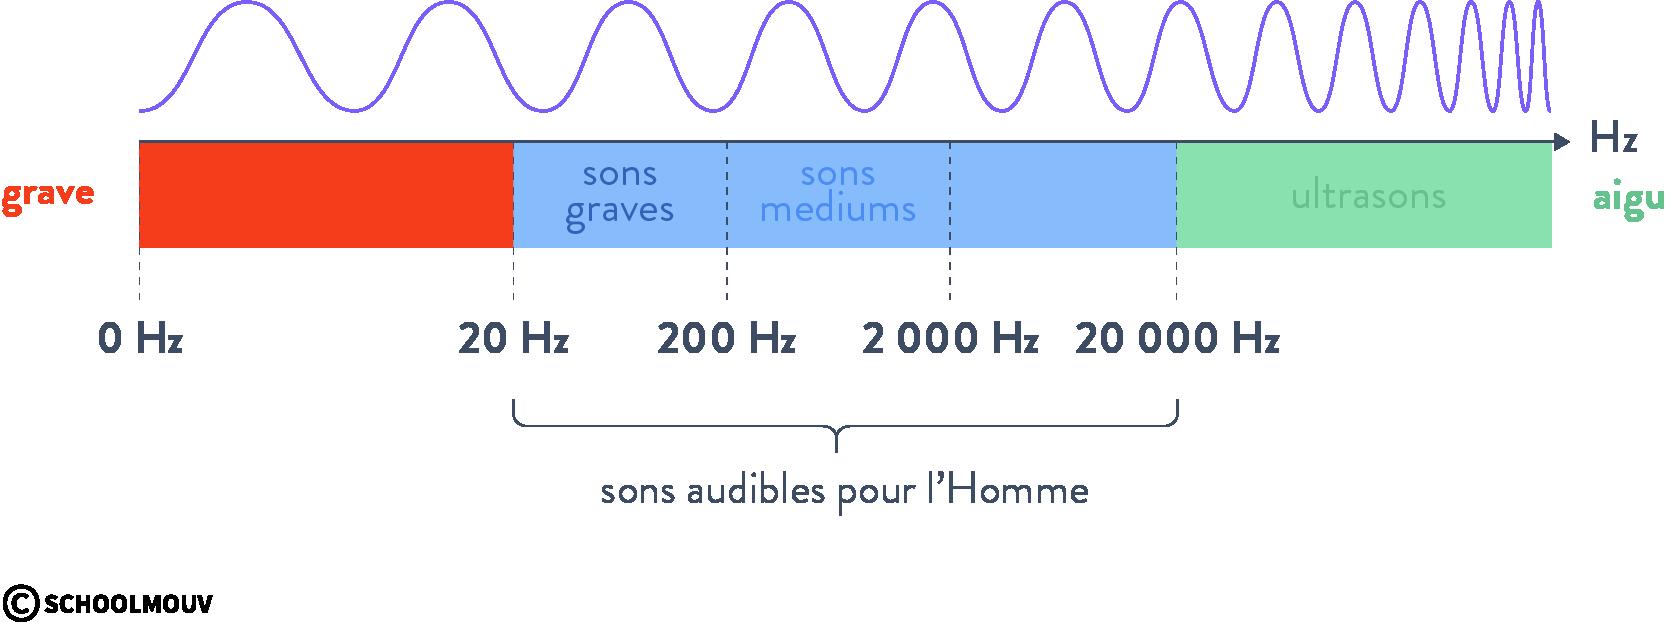 intensité sonore sons audibles ondes mécaniques schoolmouv terminale physique chimie